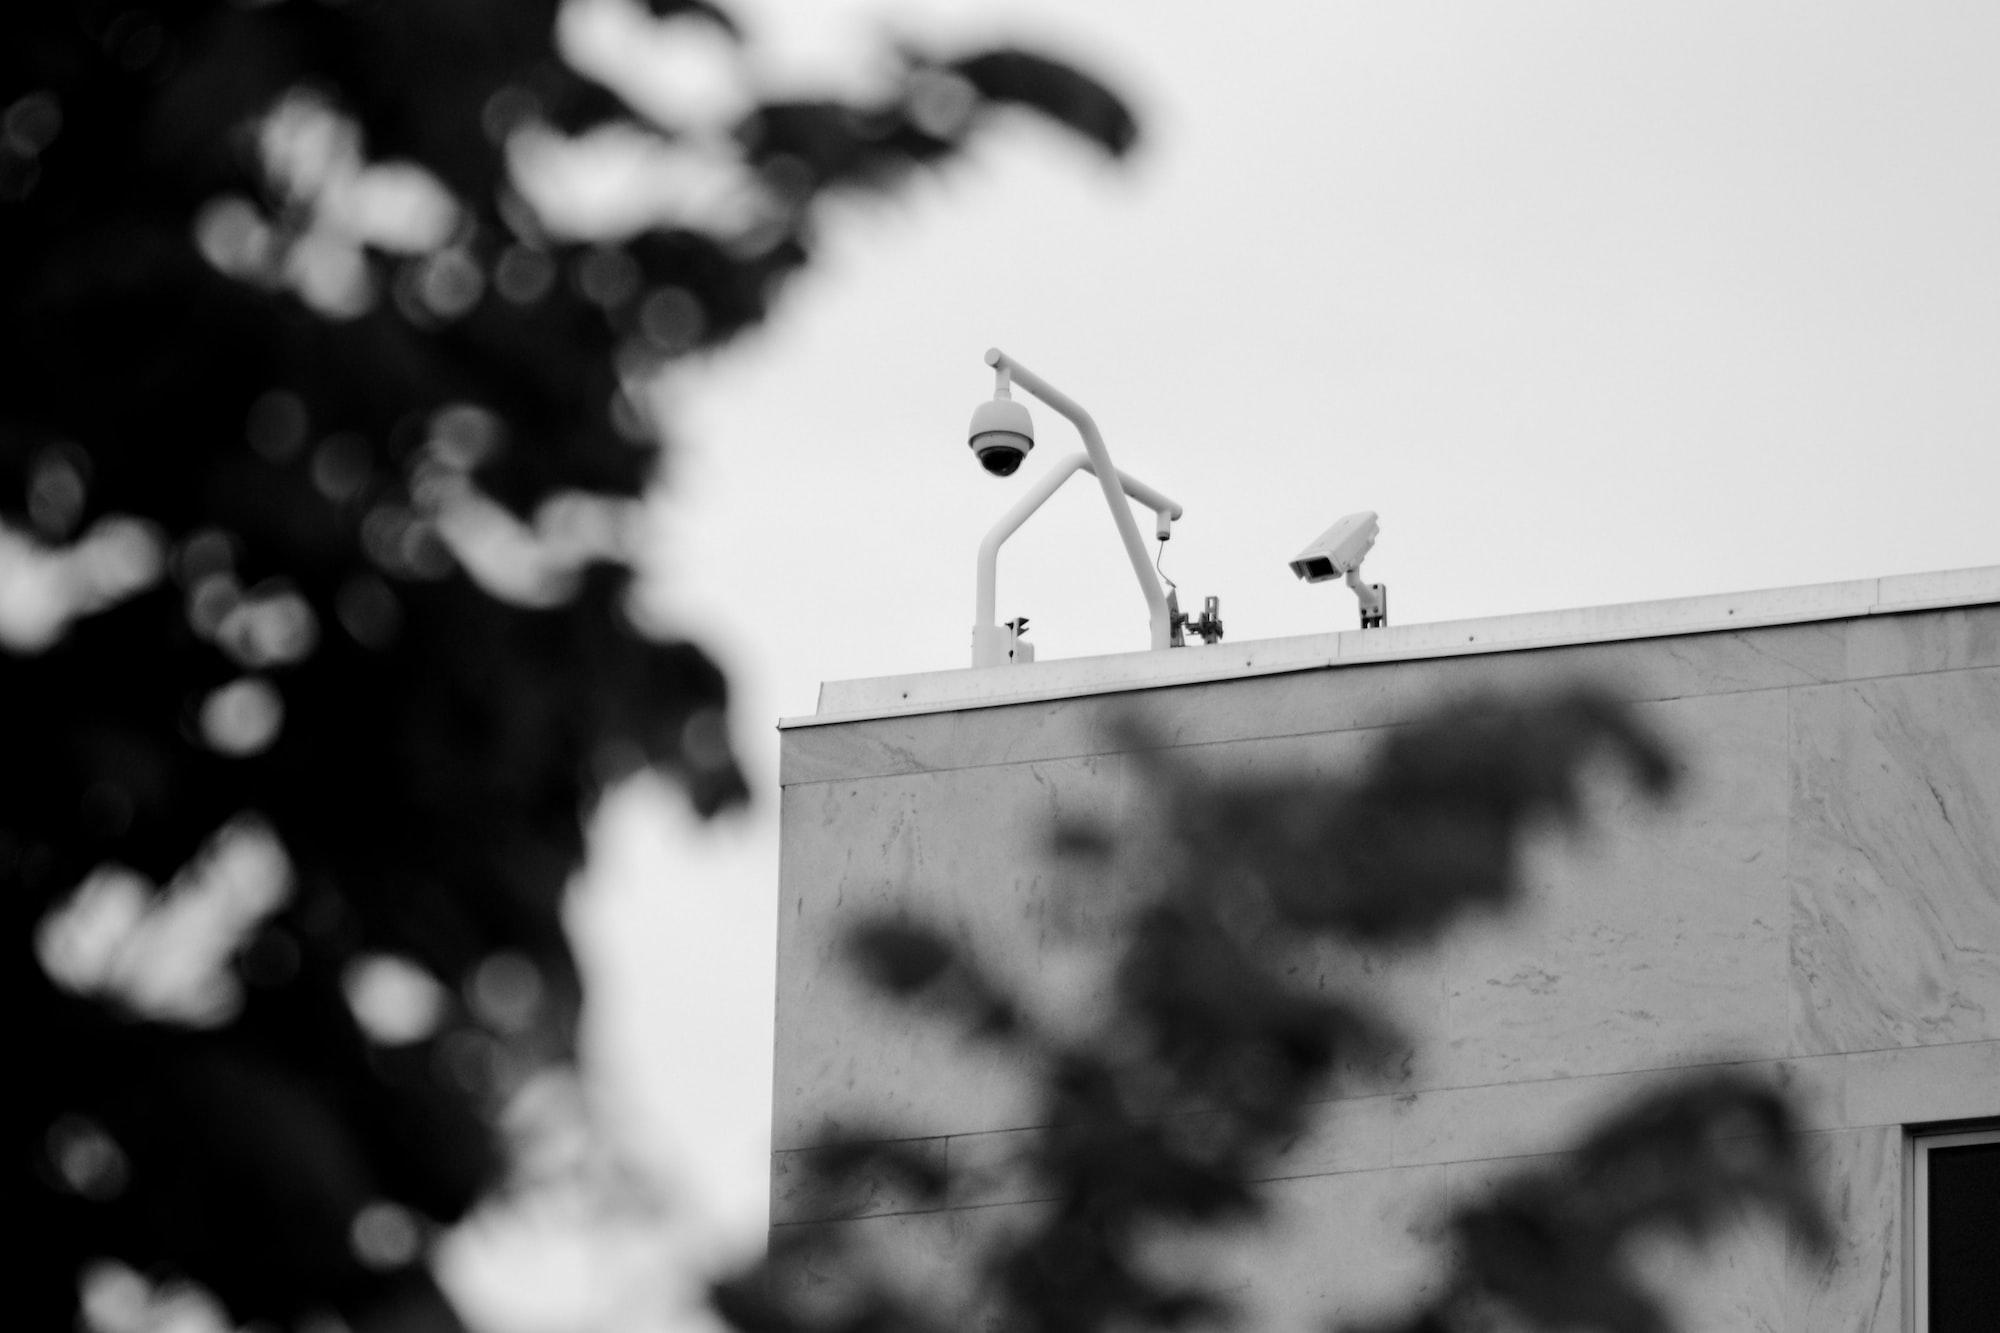 Surveil-links: Union Busting, Lobbying, NSA, Capitol Raid, and Emotions